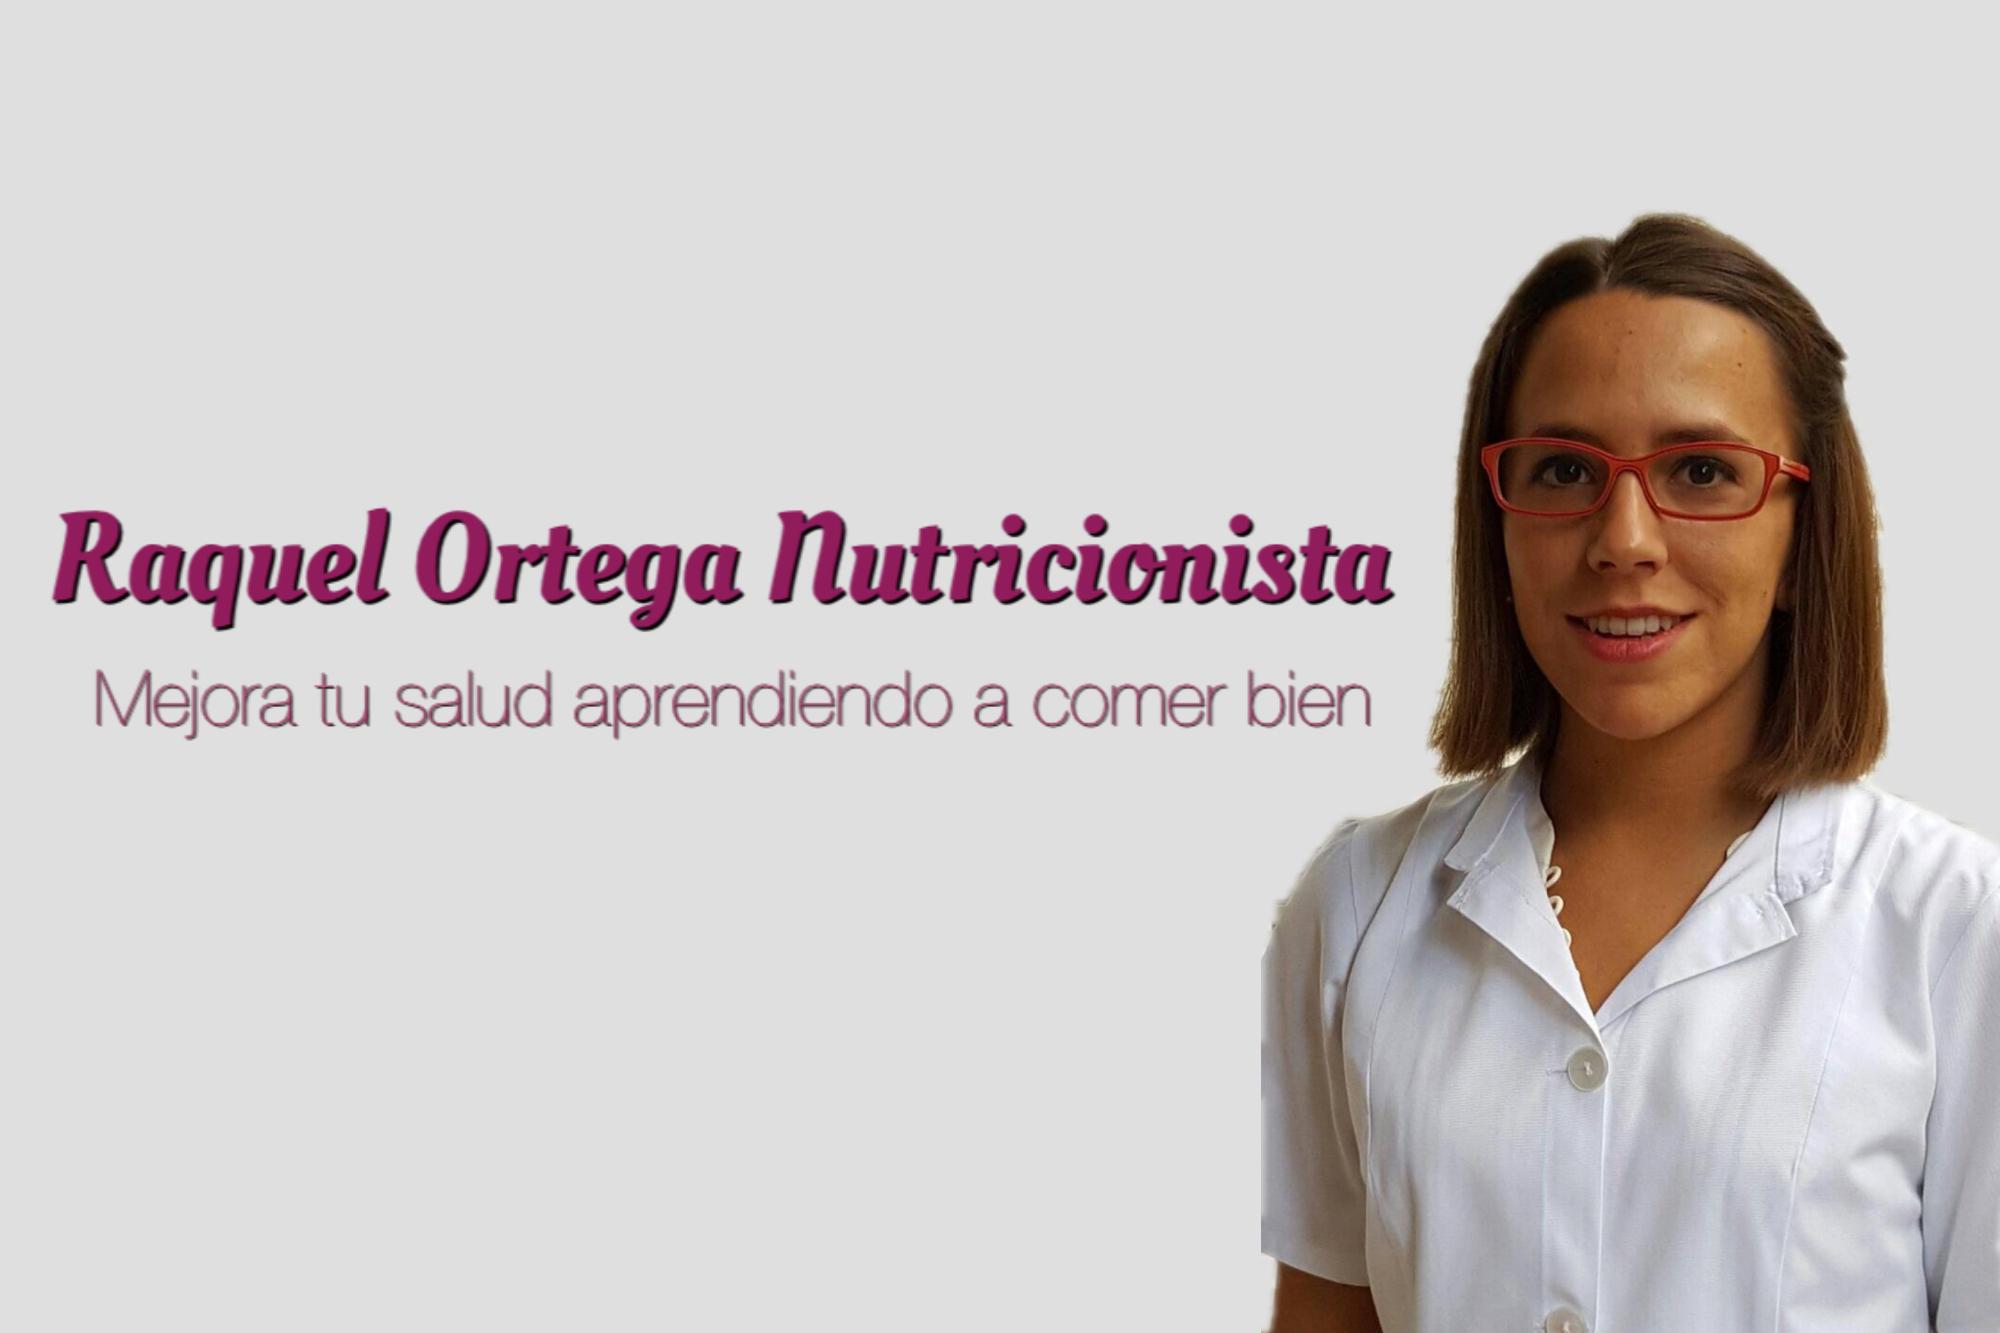 Raquel Ortega Nutrición